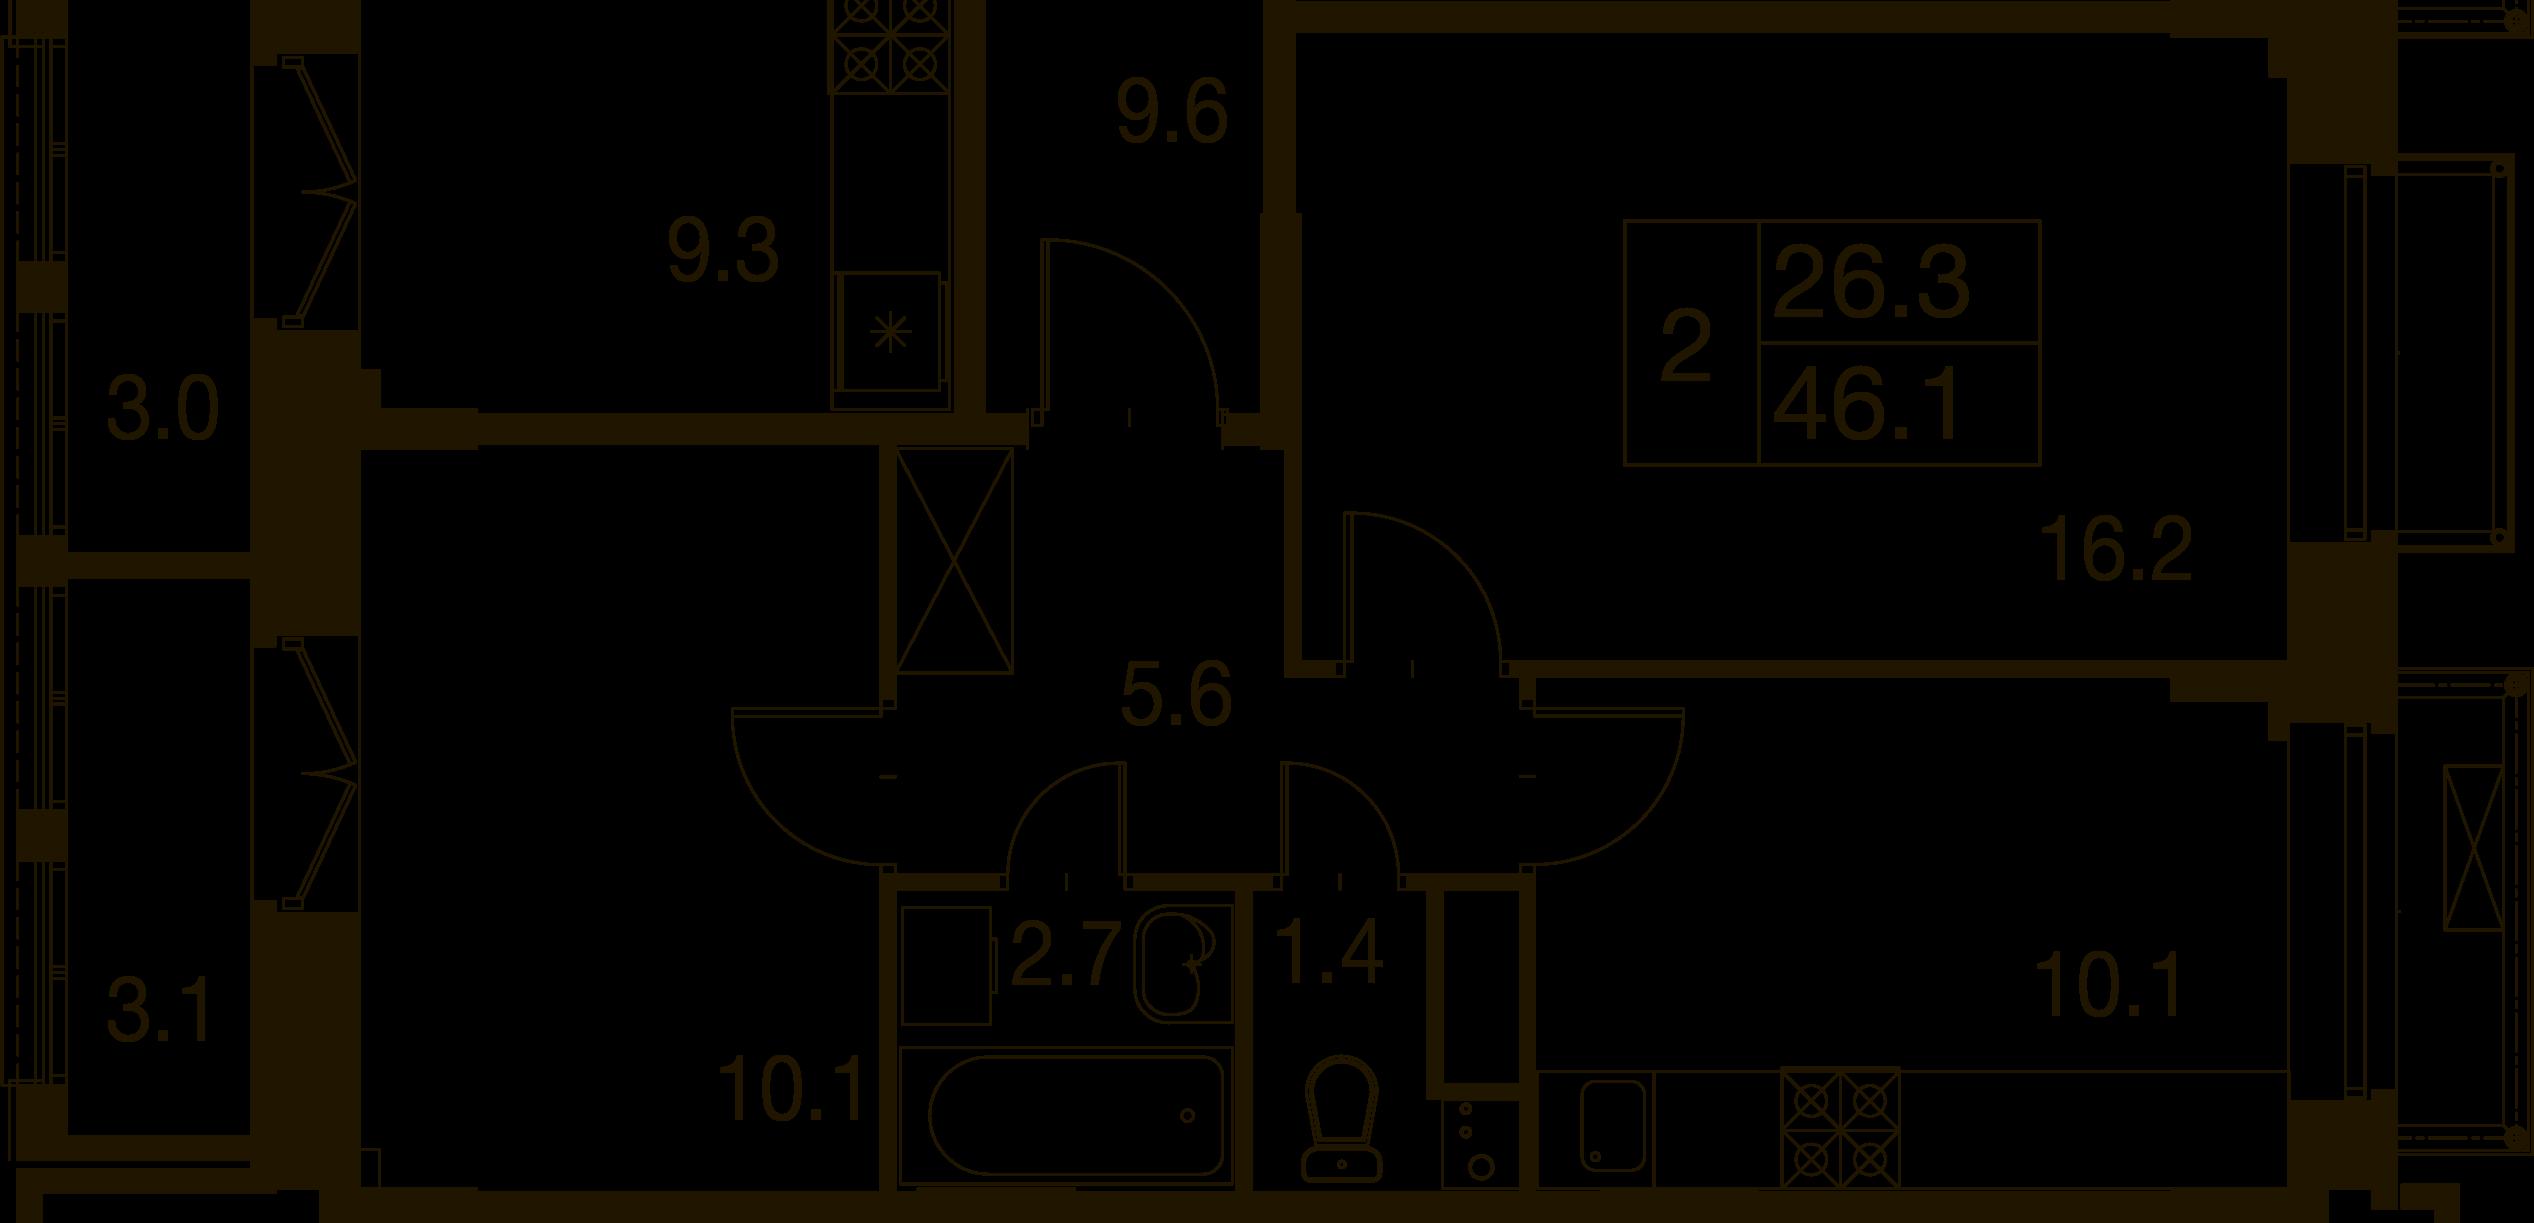 2-комнатная квартира в Митино О2, дом №7, квартира №07-206